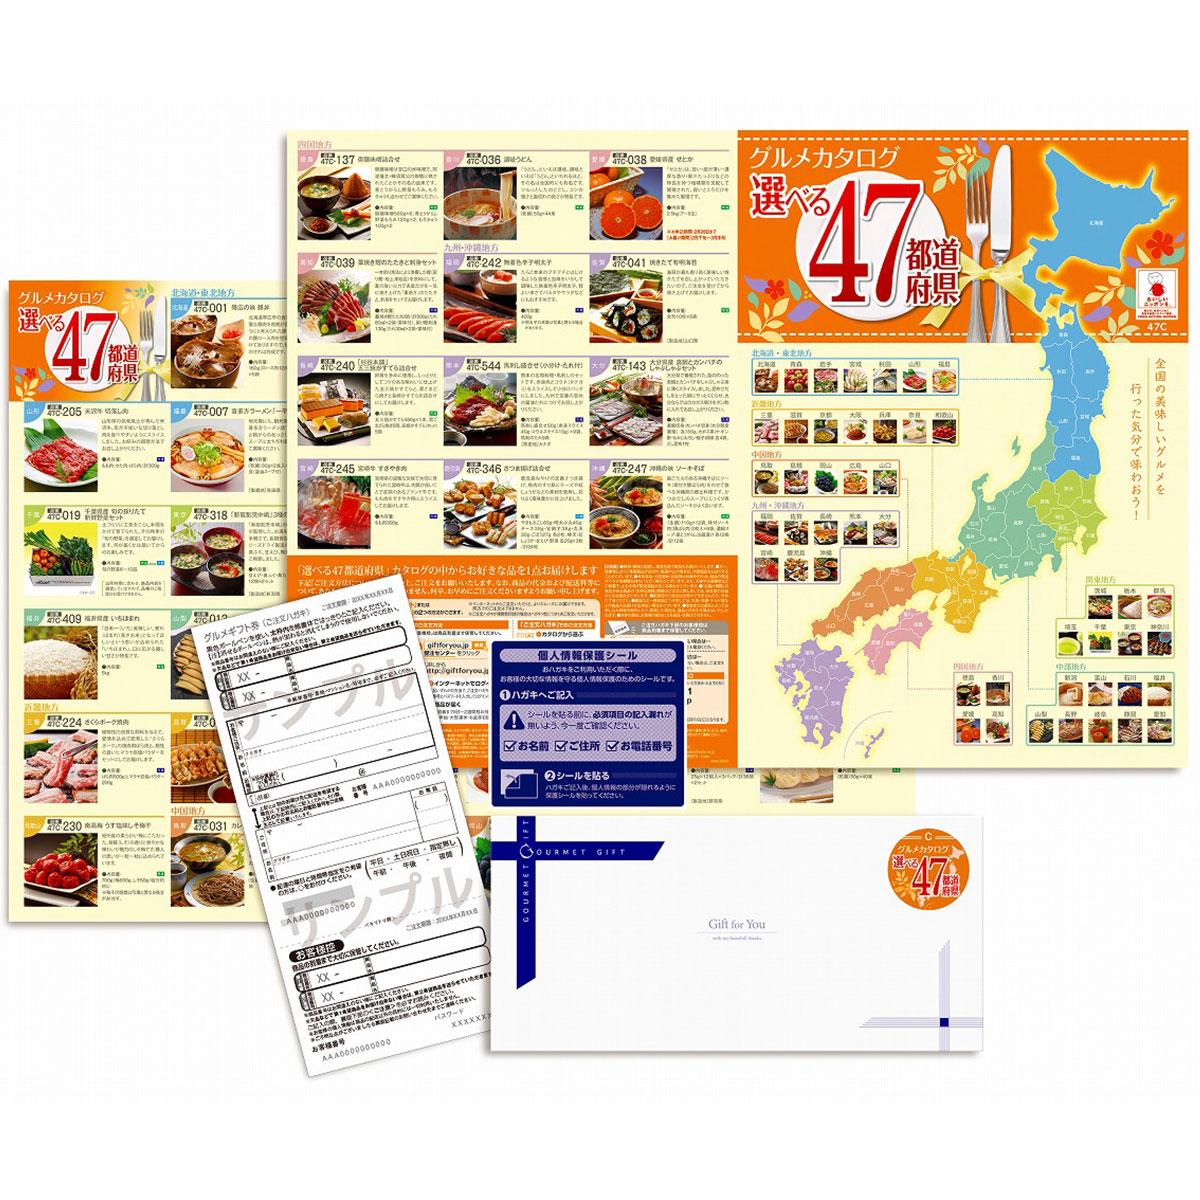 47都道府県チョイス 47Cコース